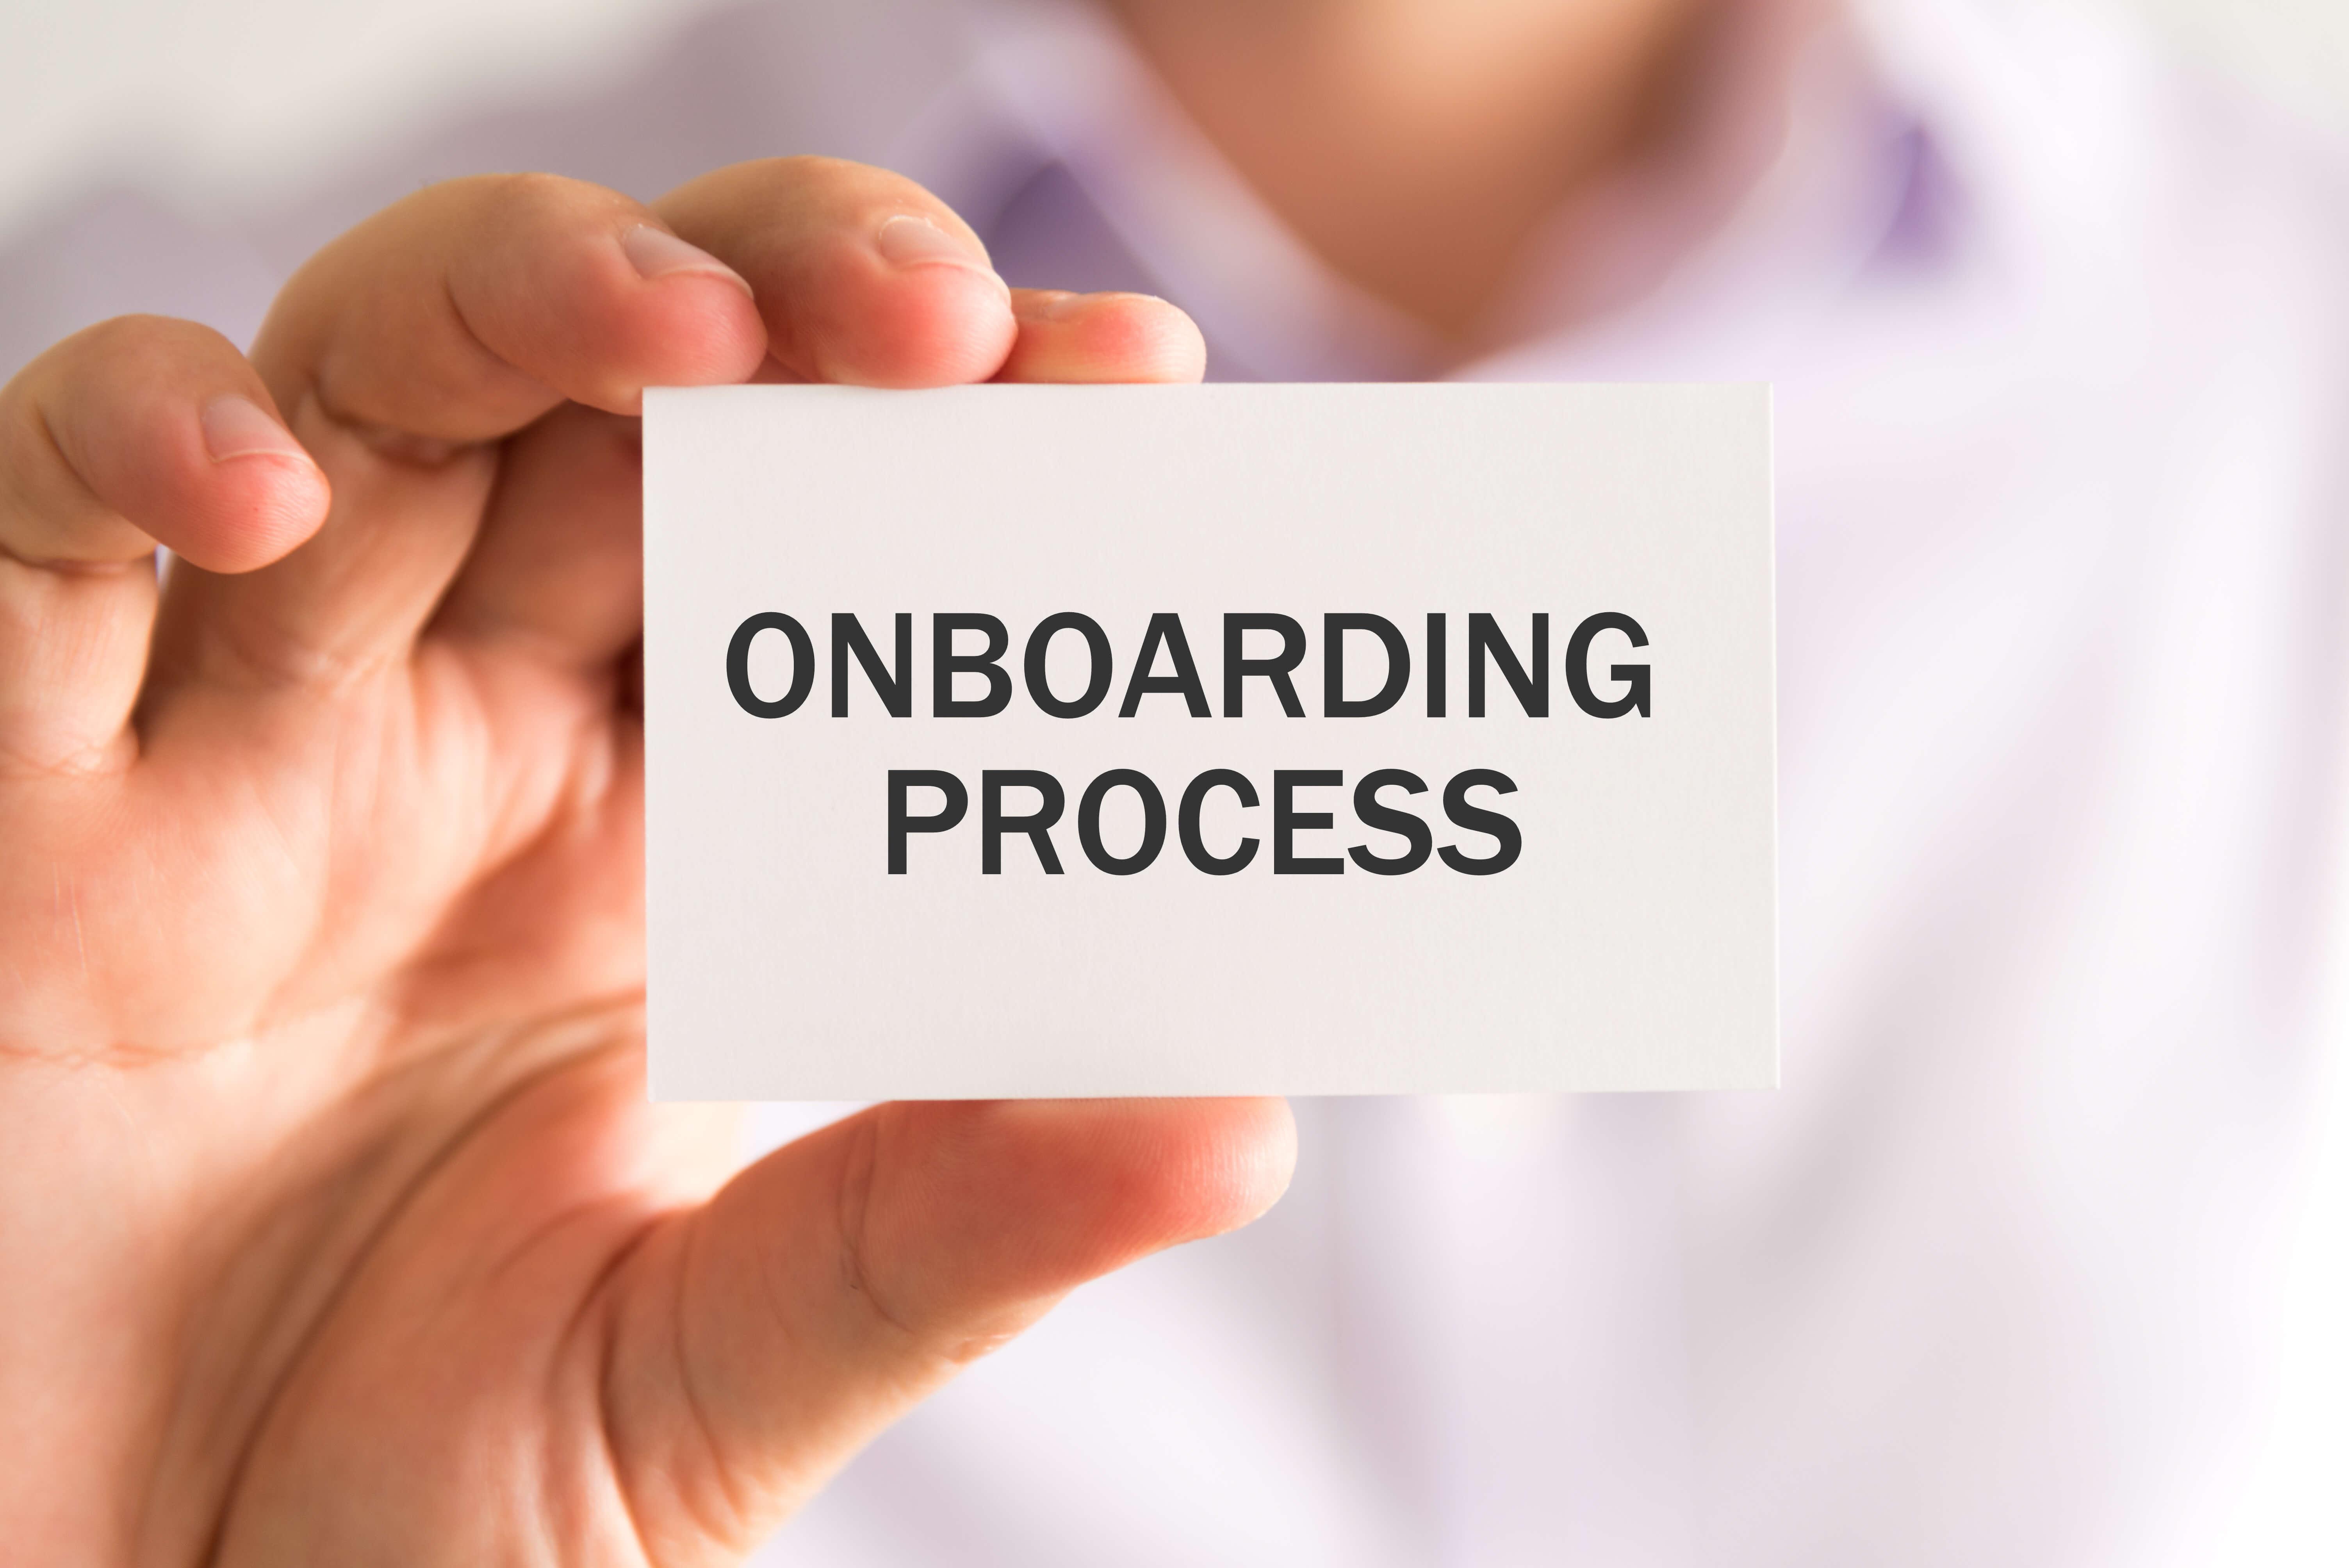 onboarding